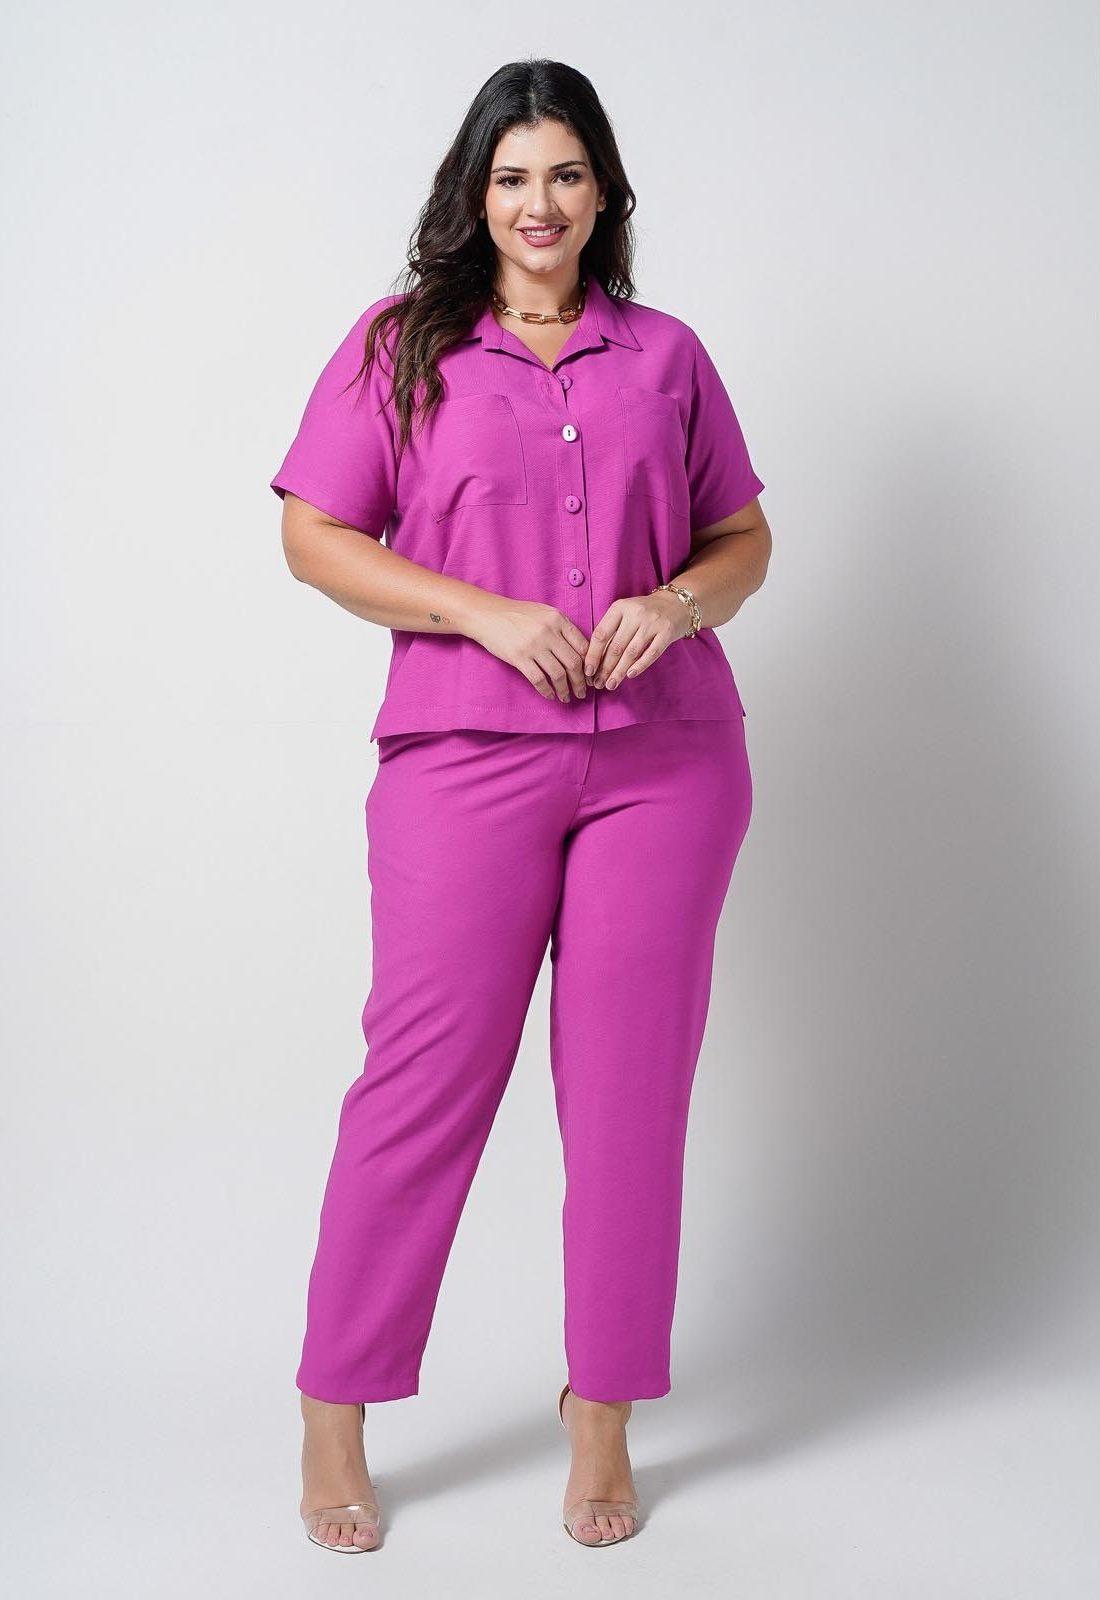 Conjunto  plus size  pink camisa e calça  Ref. U66621